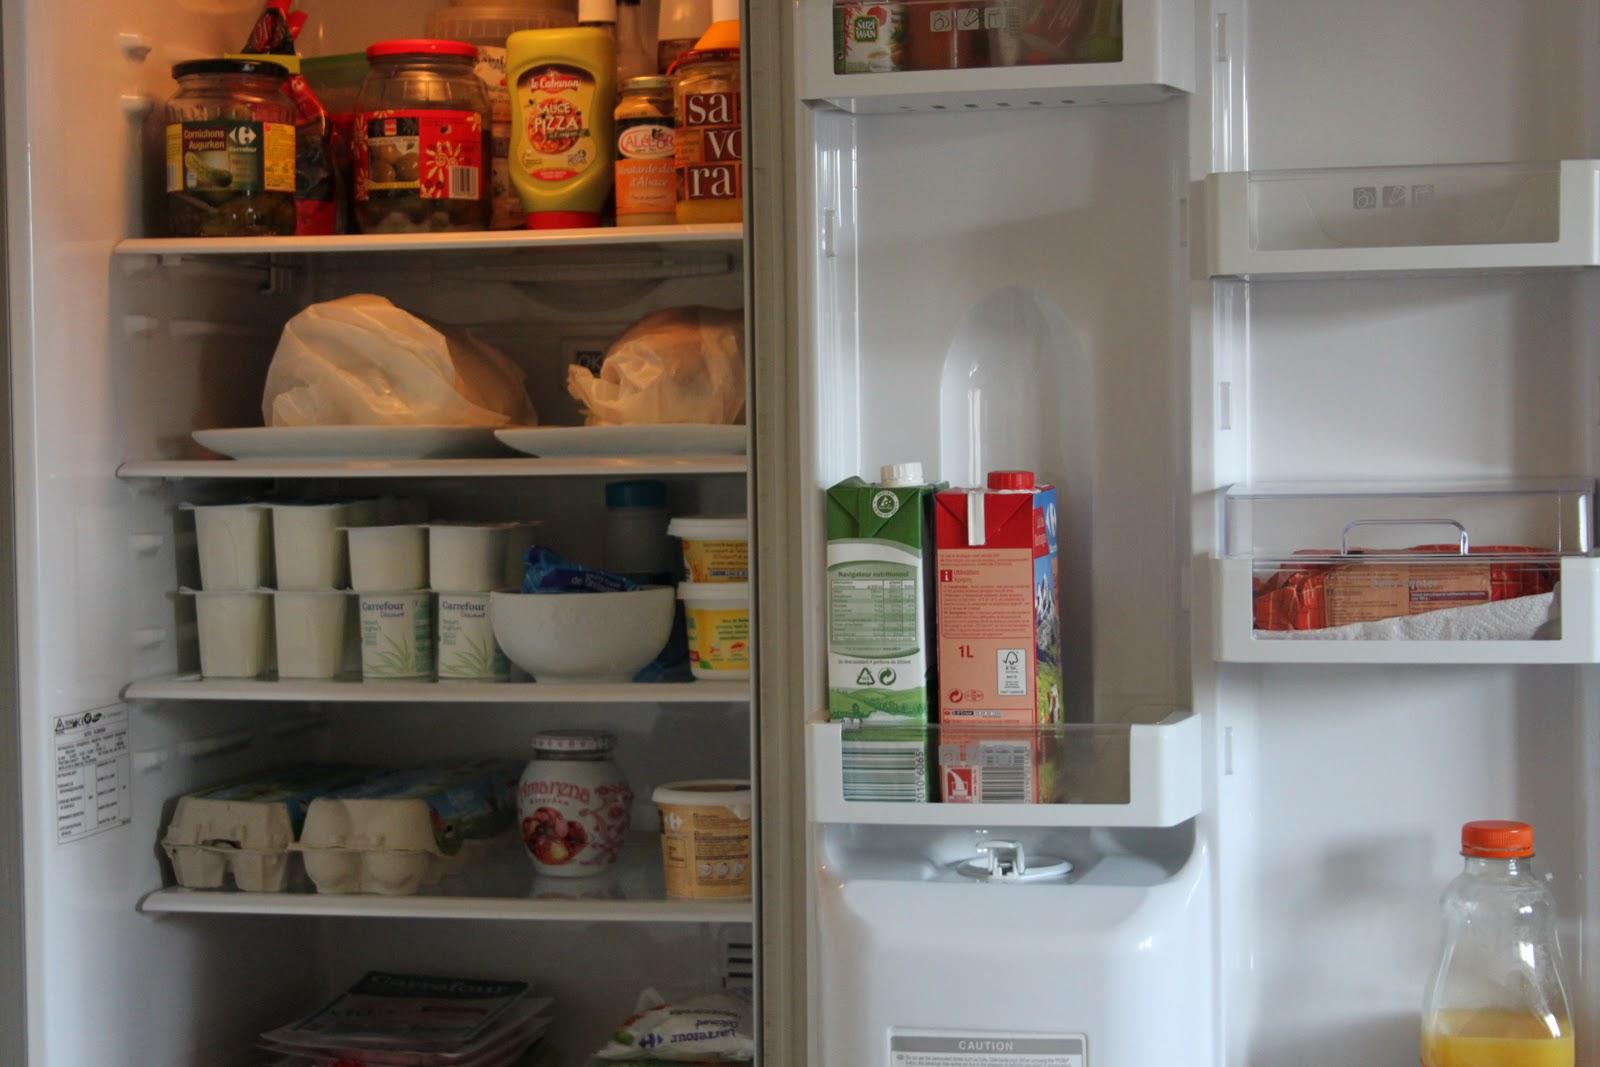 dans ma cuisine un frigo propre et rang chez anne laure t. Black Bedroom Furniture Sets. Home Design Ideas